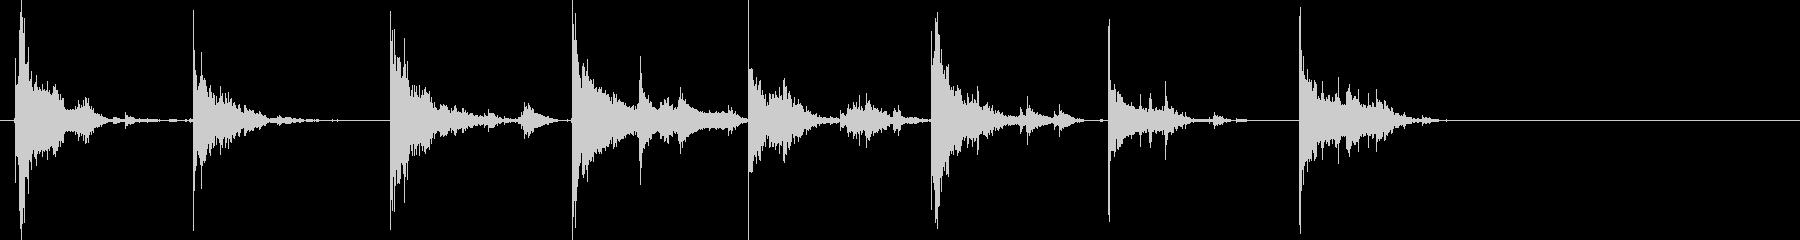 チャリチャリ(コインが連続排出される音)の未再生の波形